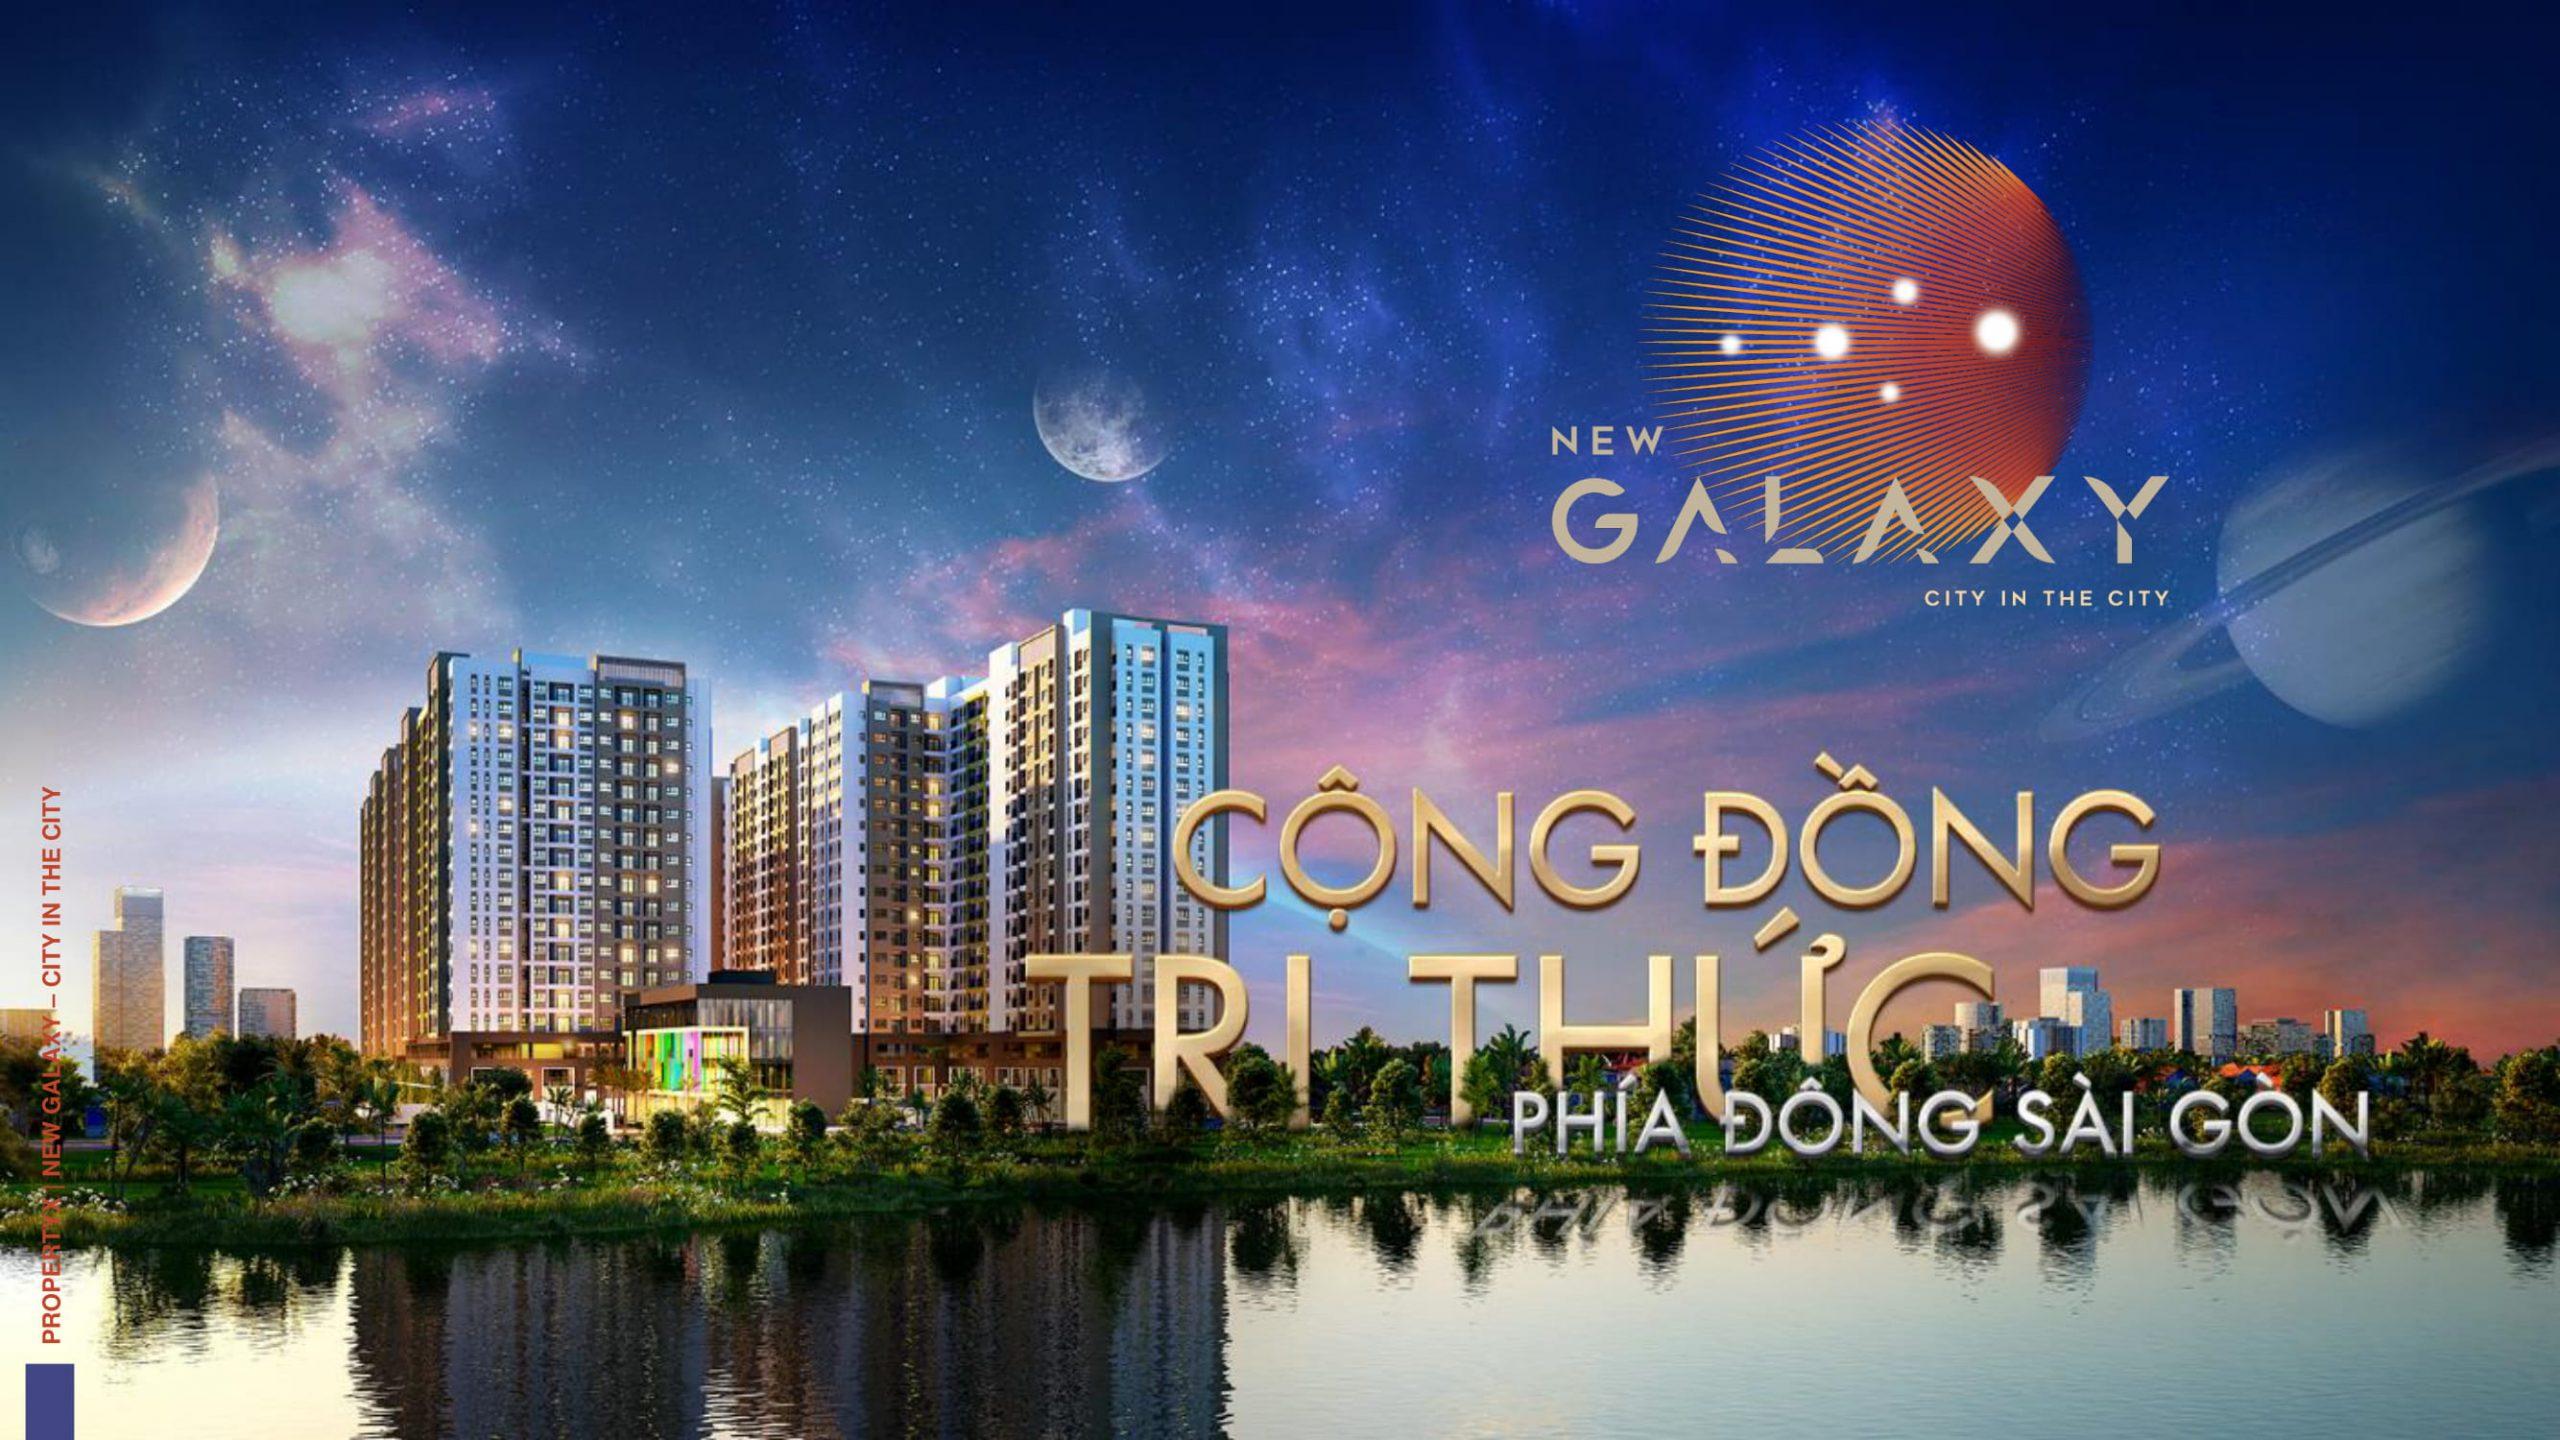 Phối cảnh dự án căn hộ New Galaxy